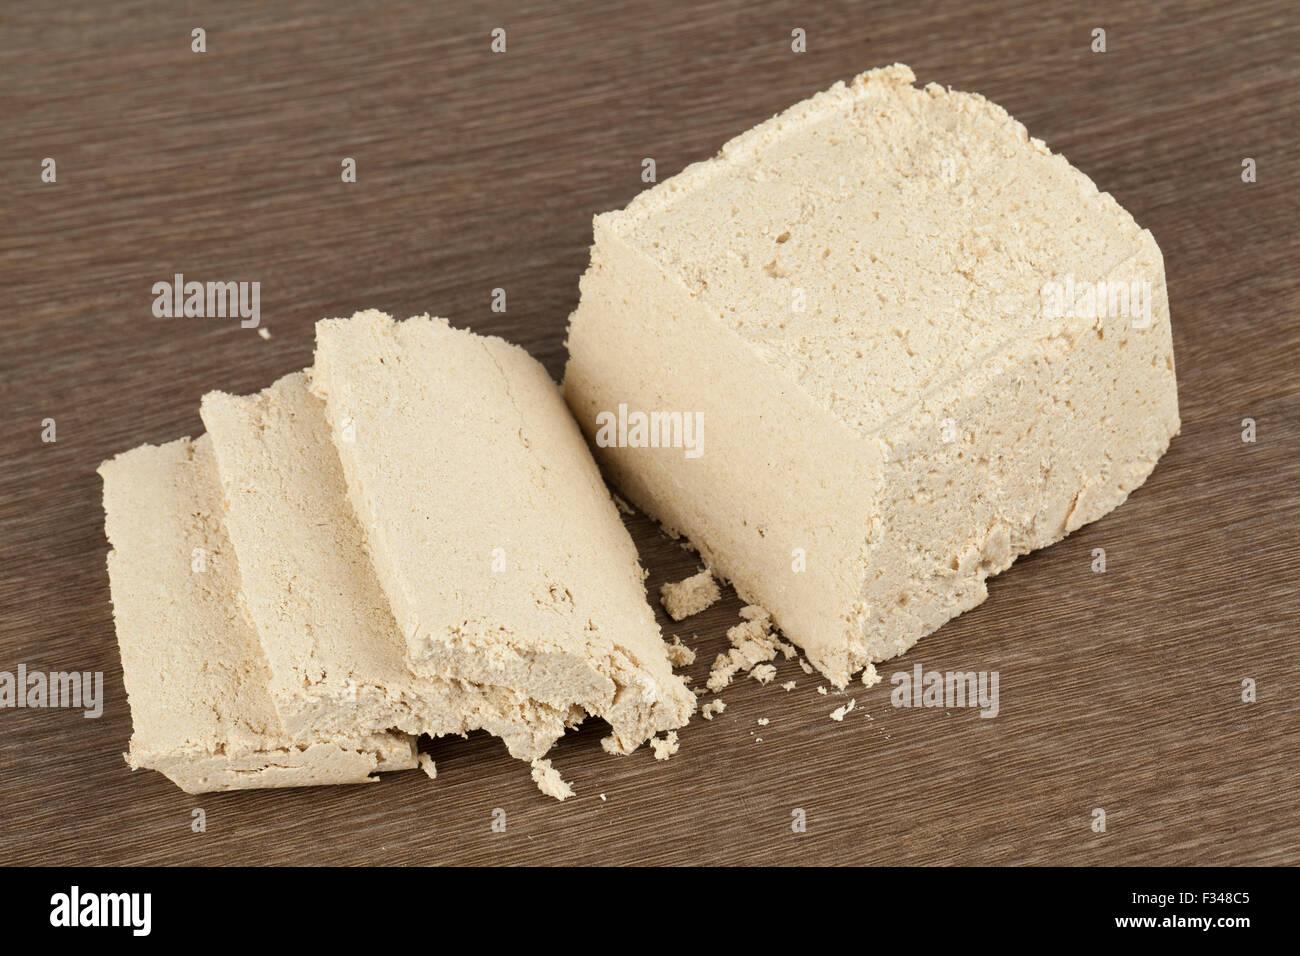 halva, oriental sweet dessert on wooden table - Stock Image